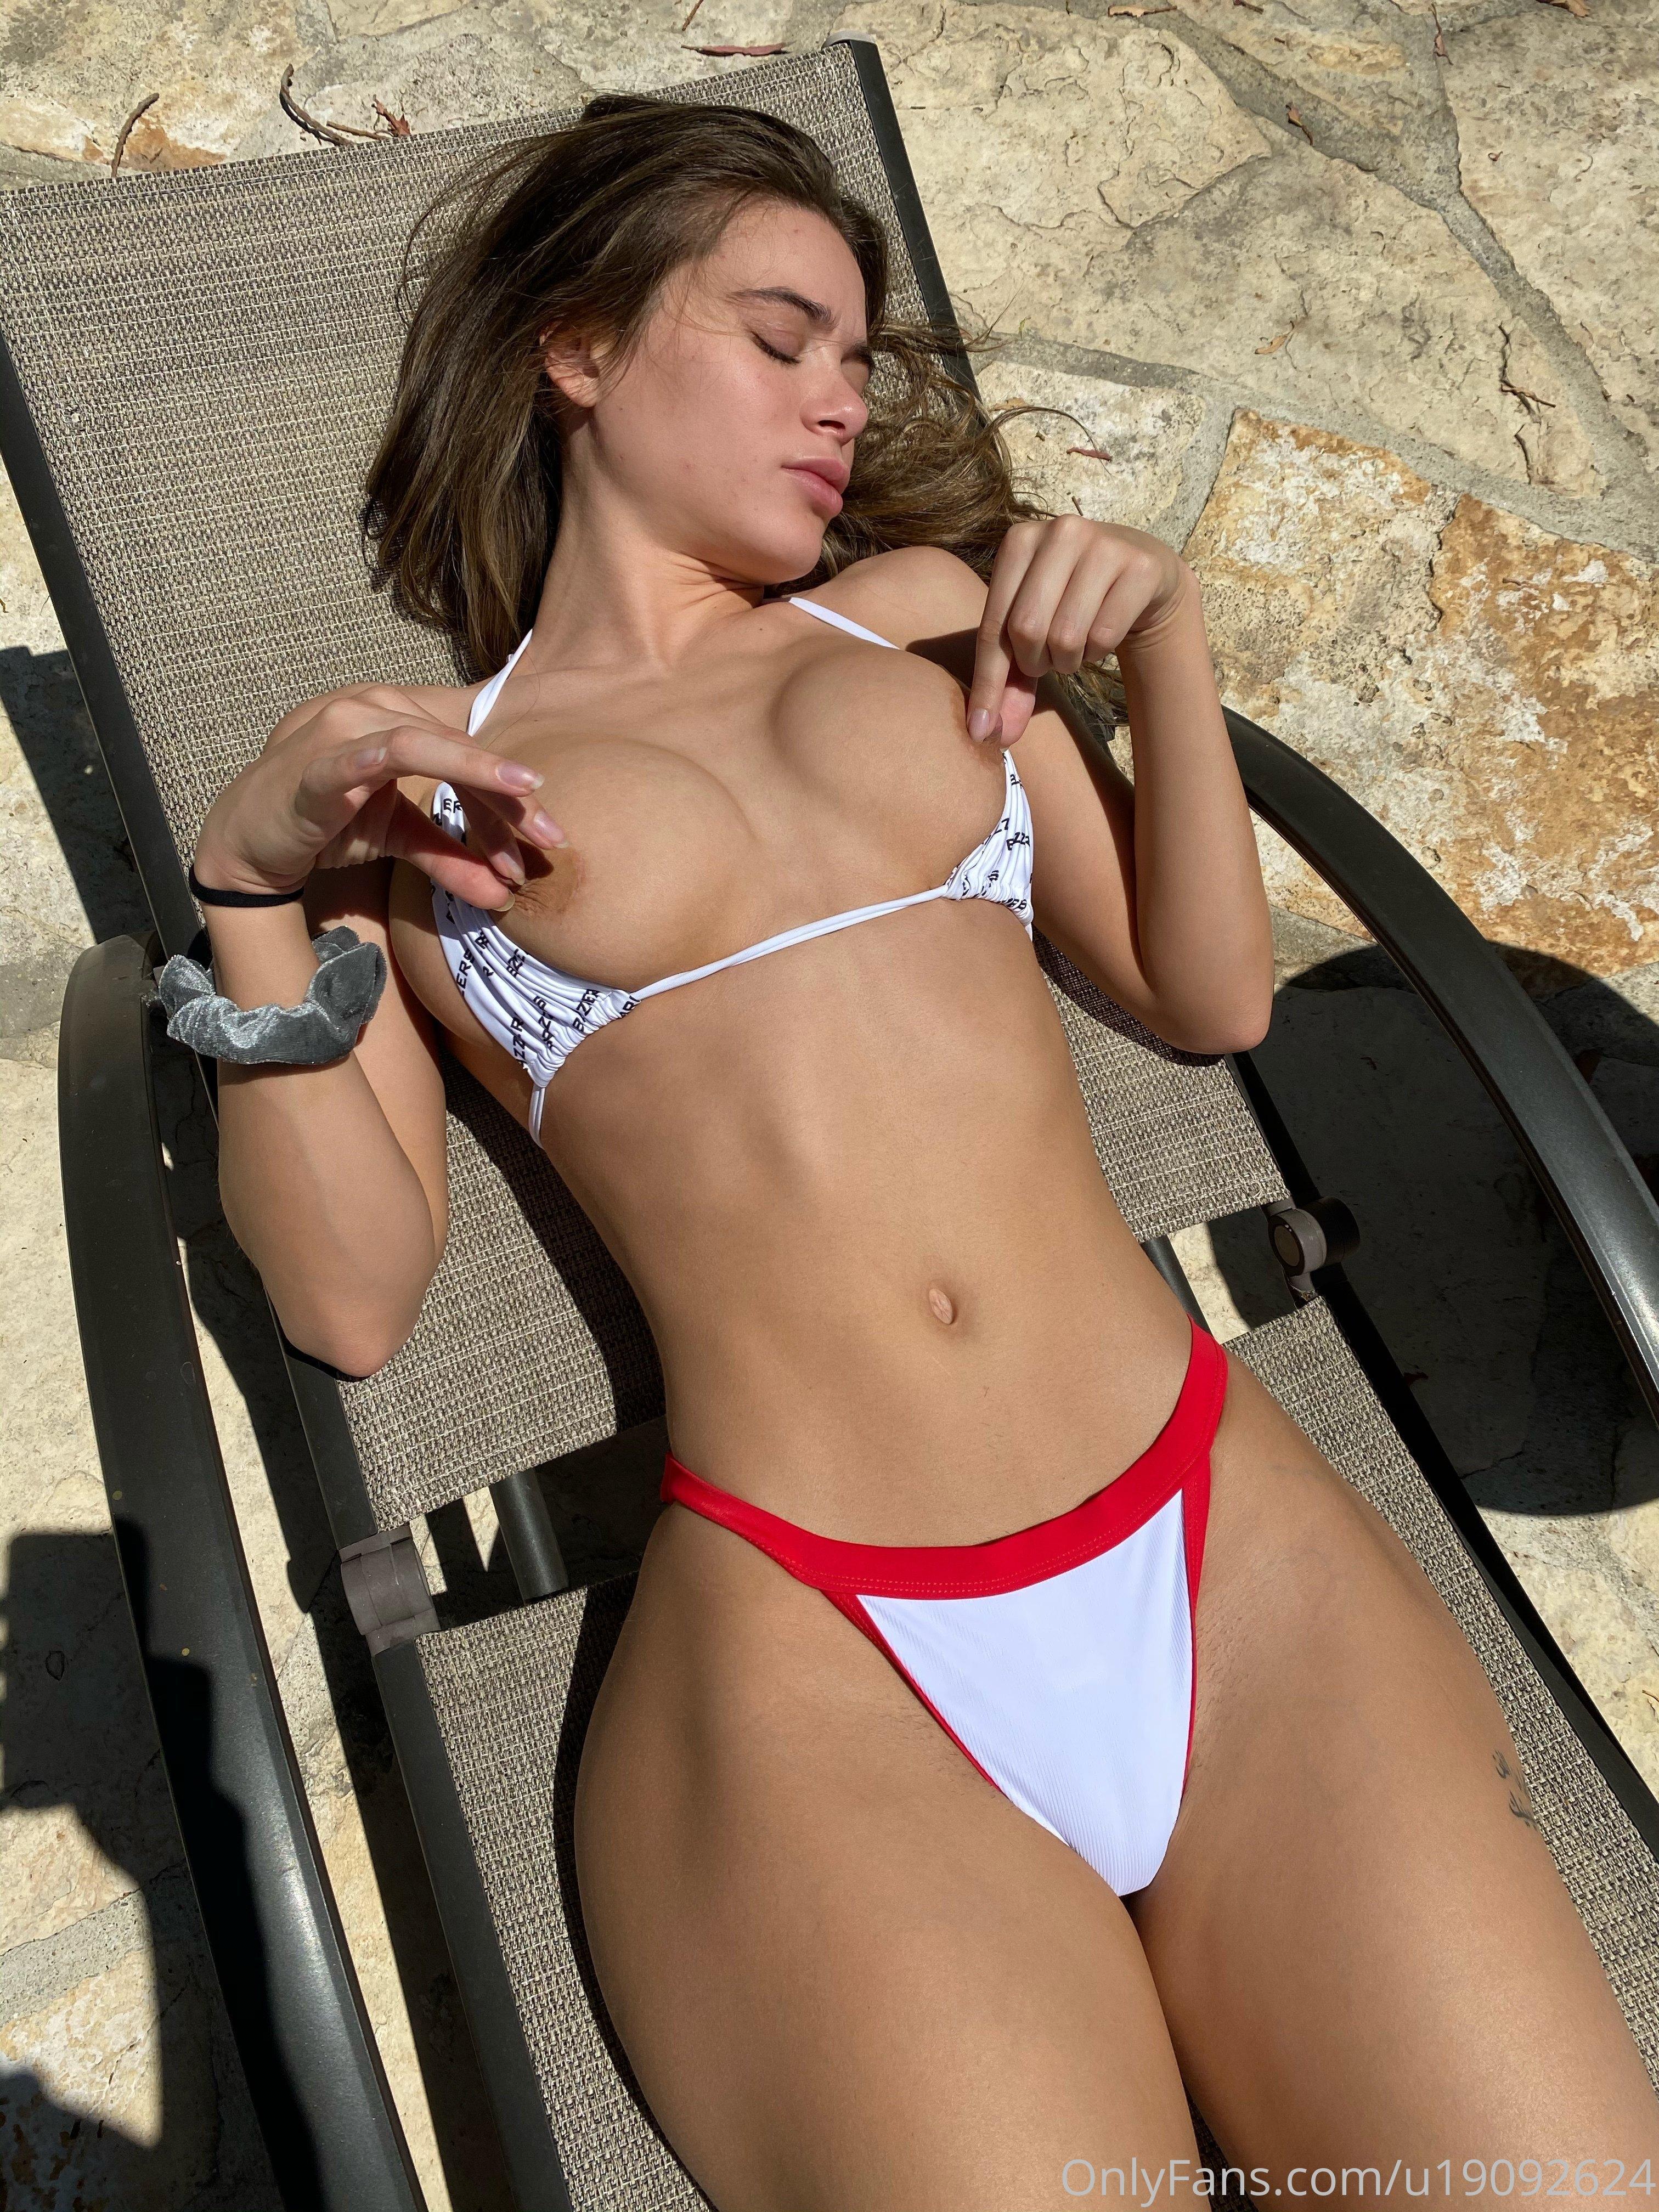 Lana Rhoades, Lanarhoades, Onlyfans Nude Leaks 0034